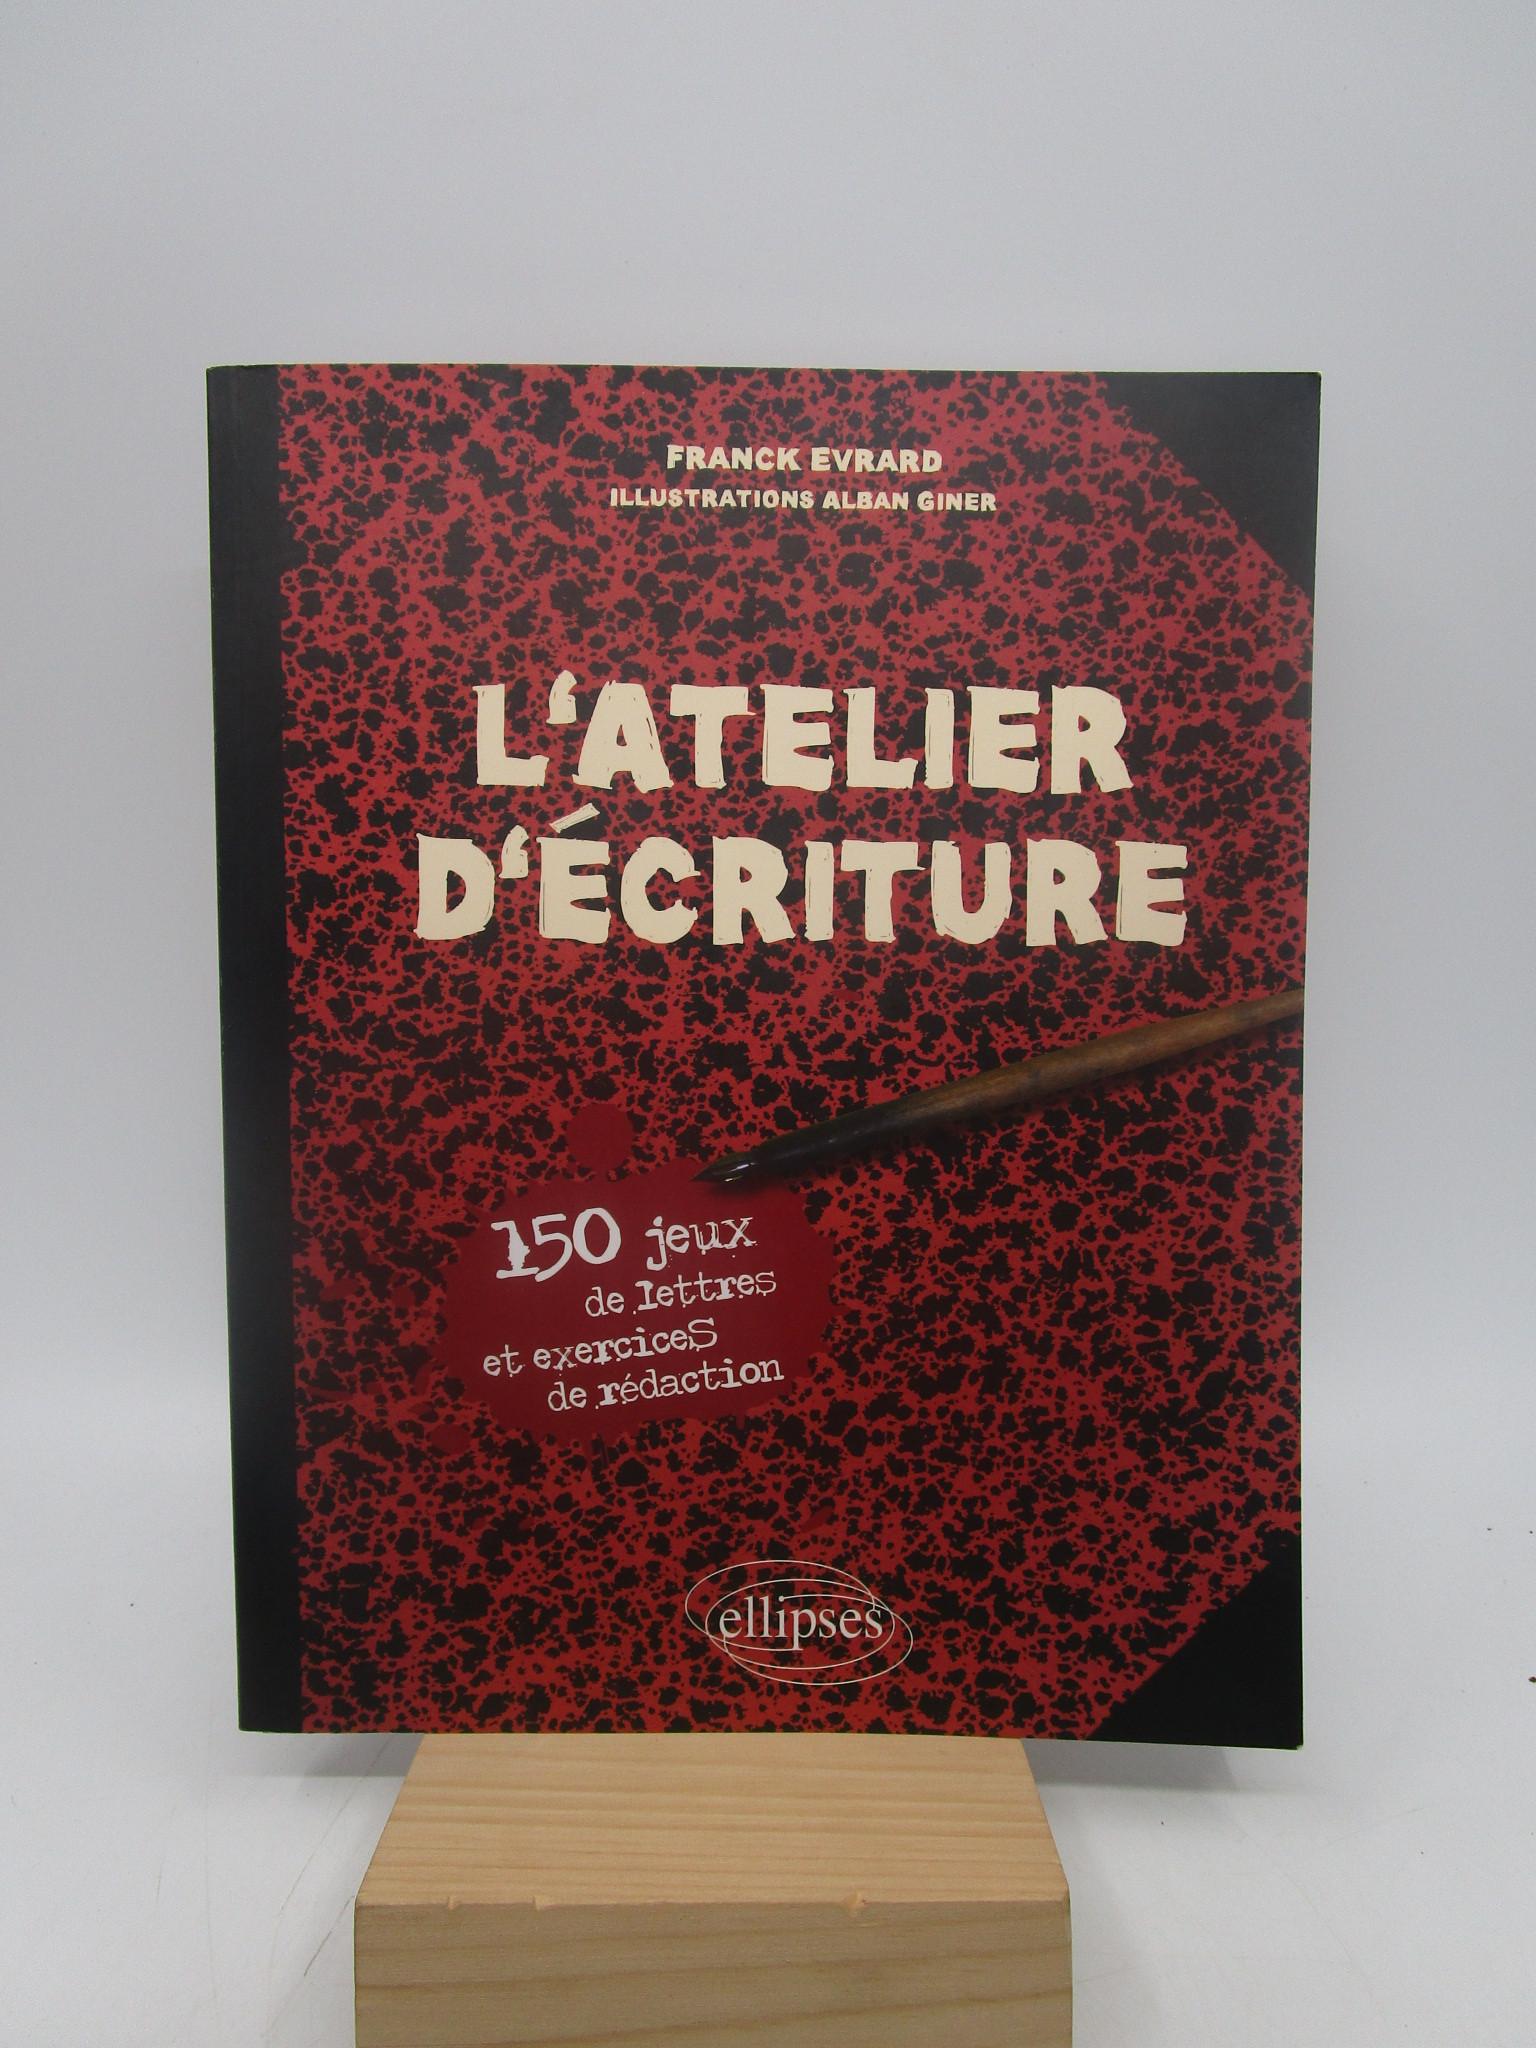 Image for L'atelier d'criture: 150 jeux de lettres et exercices de rdaction